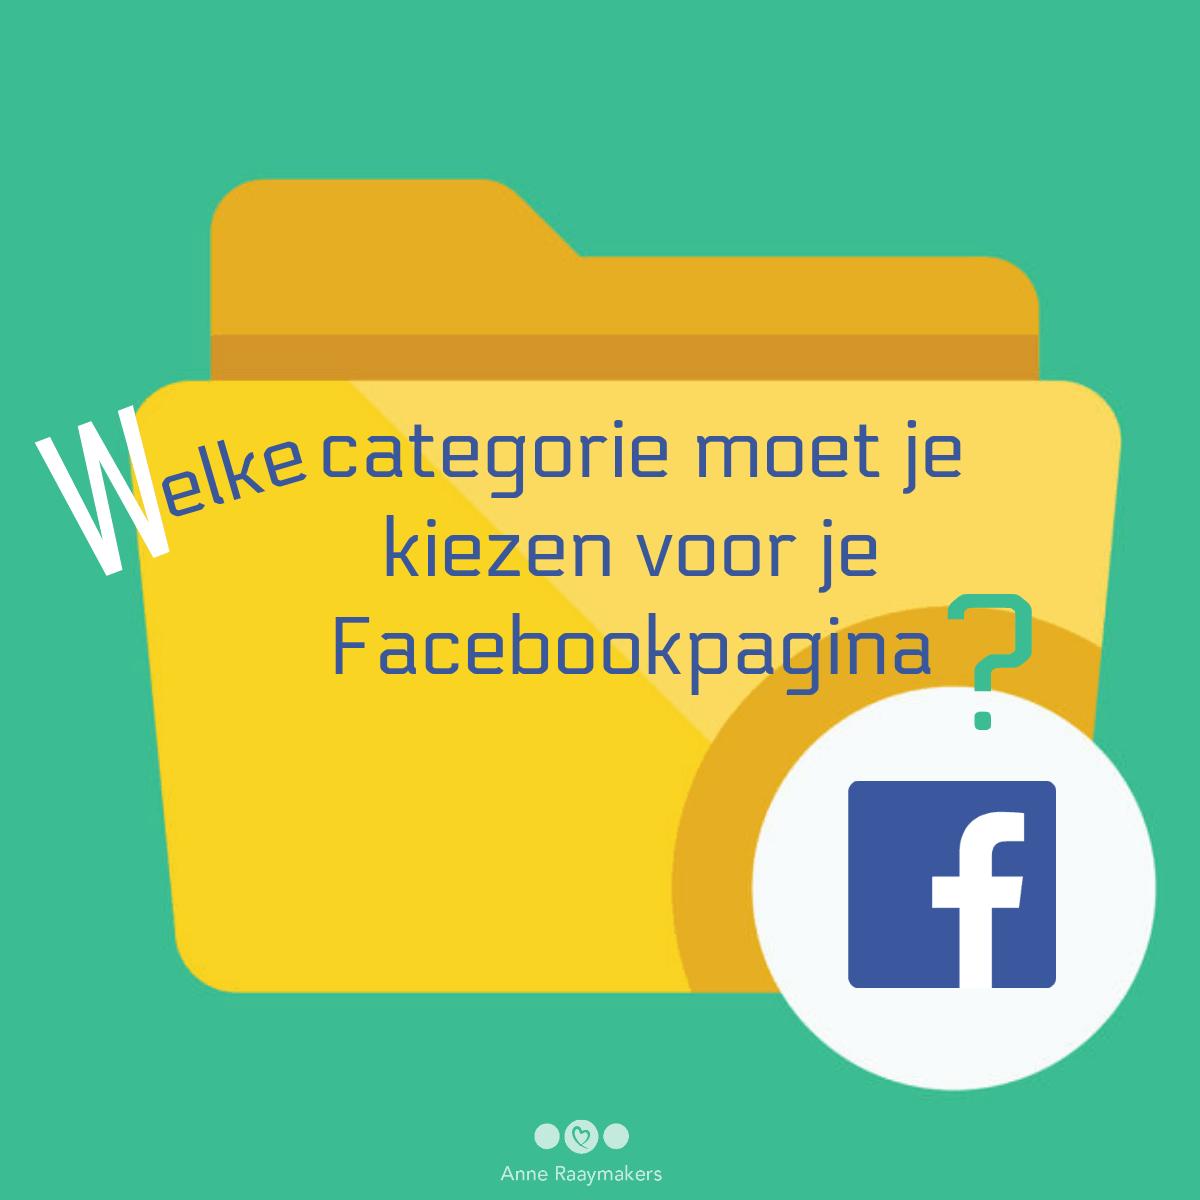 Welke categorie moet je kiezen voor je Facebookpagina?